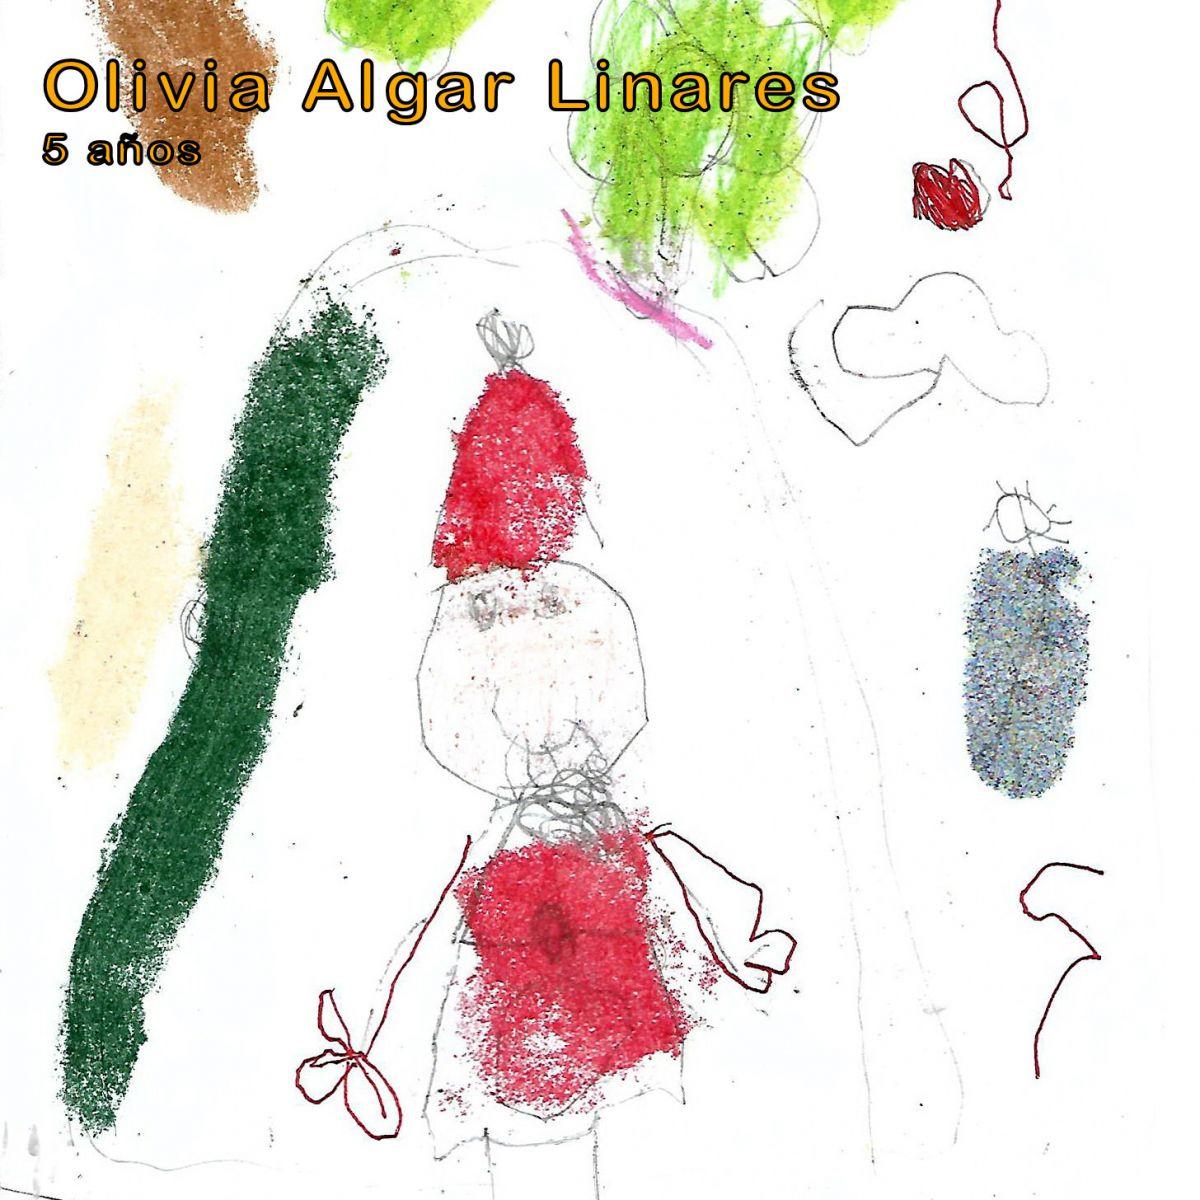 Dibujo-Olivia-Algar